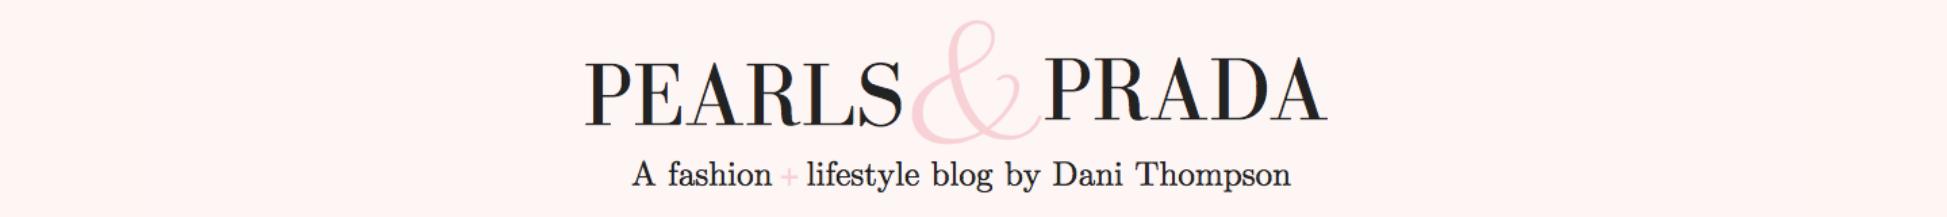 Pearls + Prada